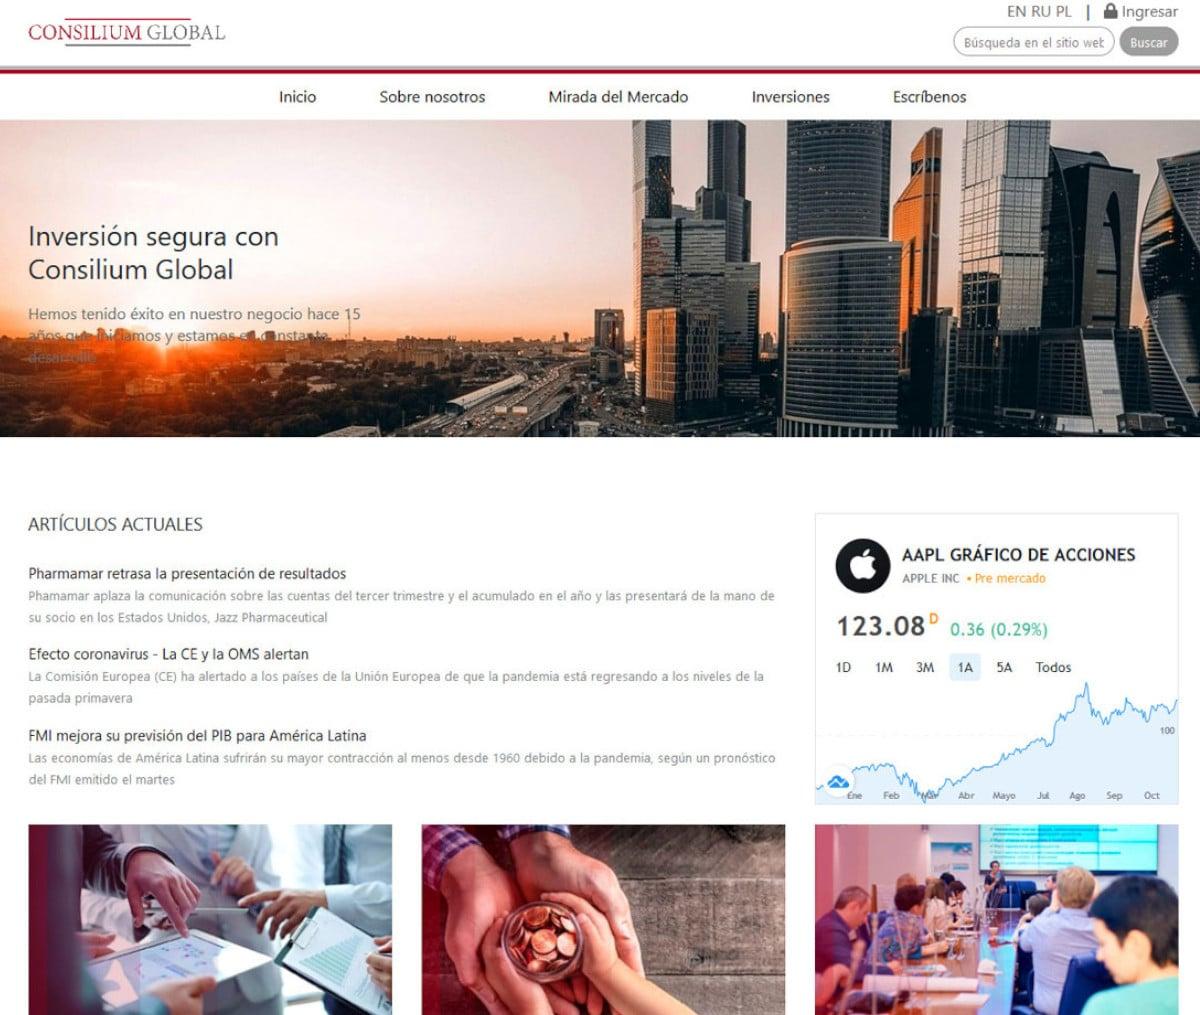 Página web de Consilium Global